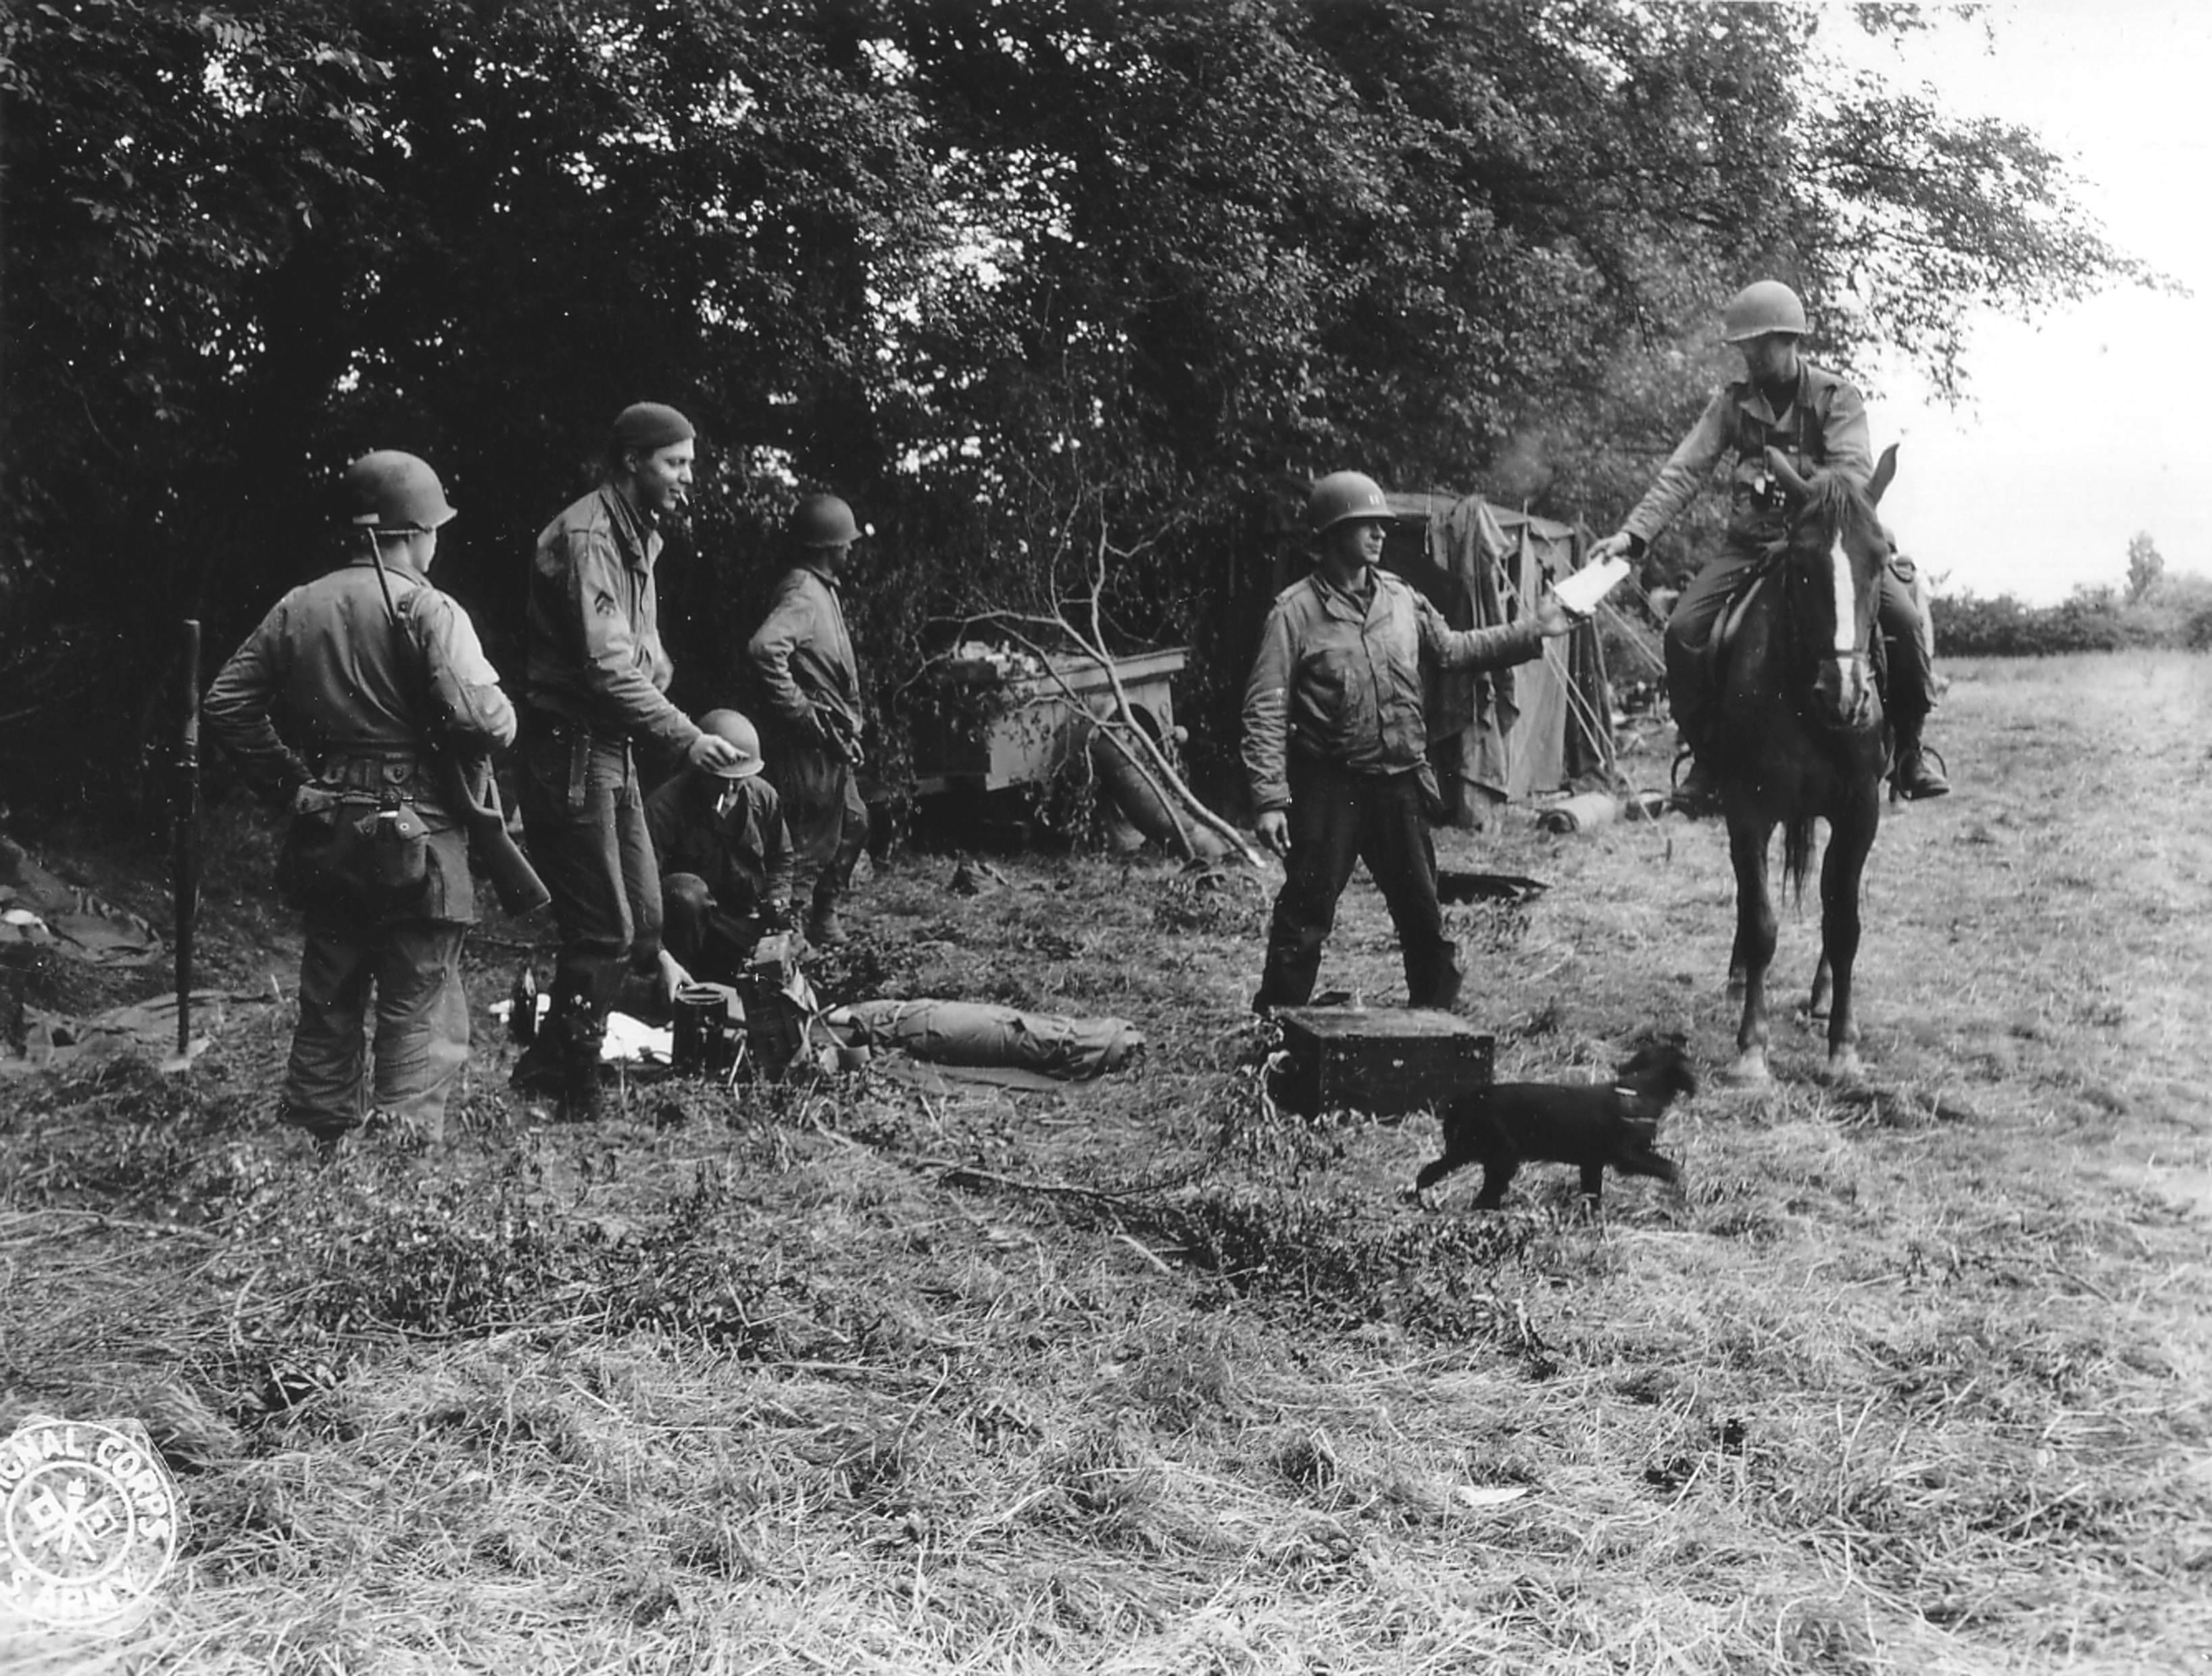 21 - En Normandie en 1944, le soldat à gauche porte une carabine M1